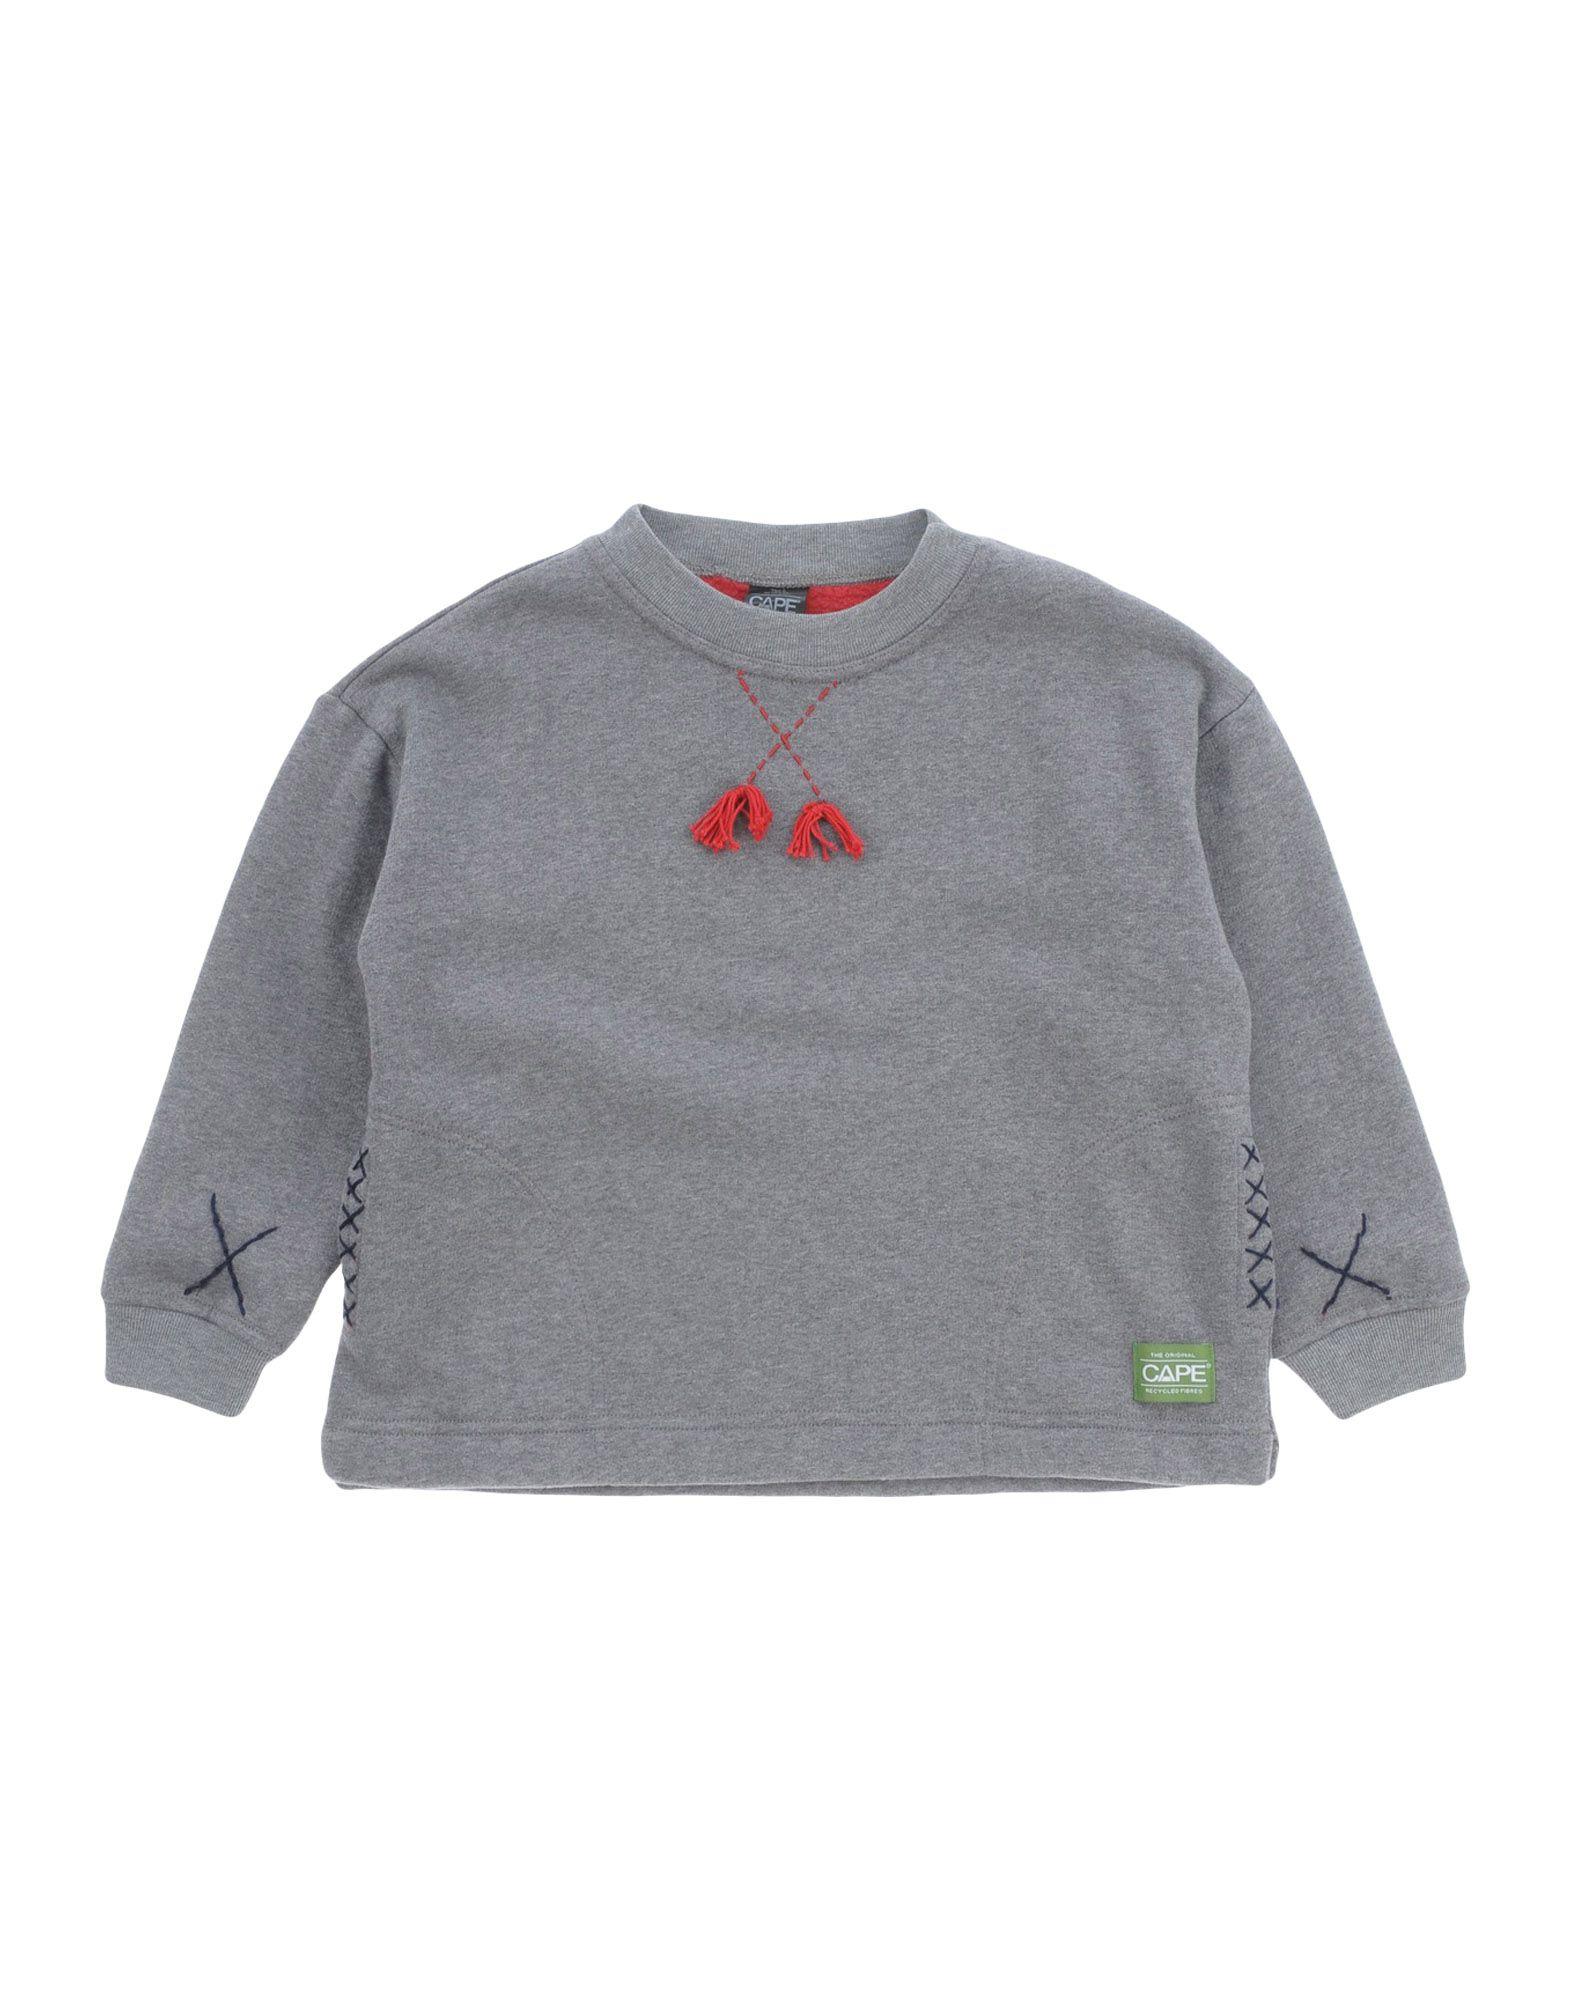 CAPE Sweatshirt in Grey